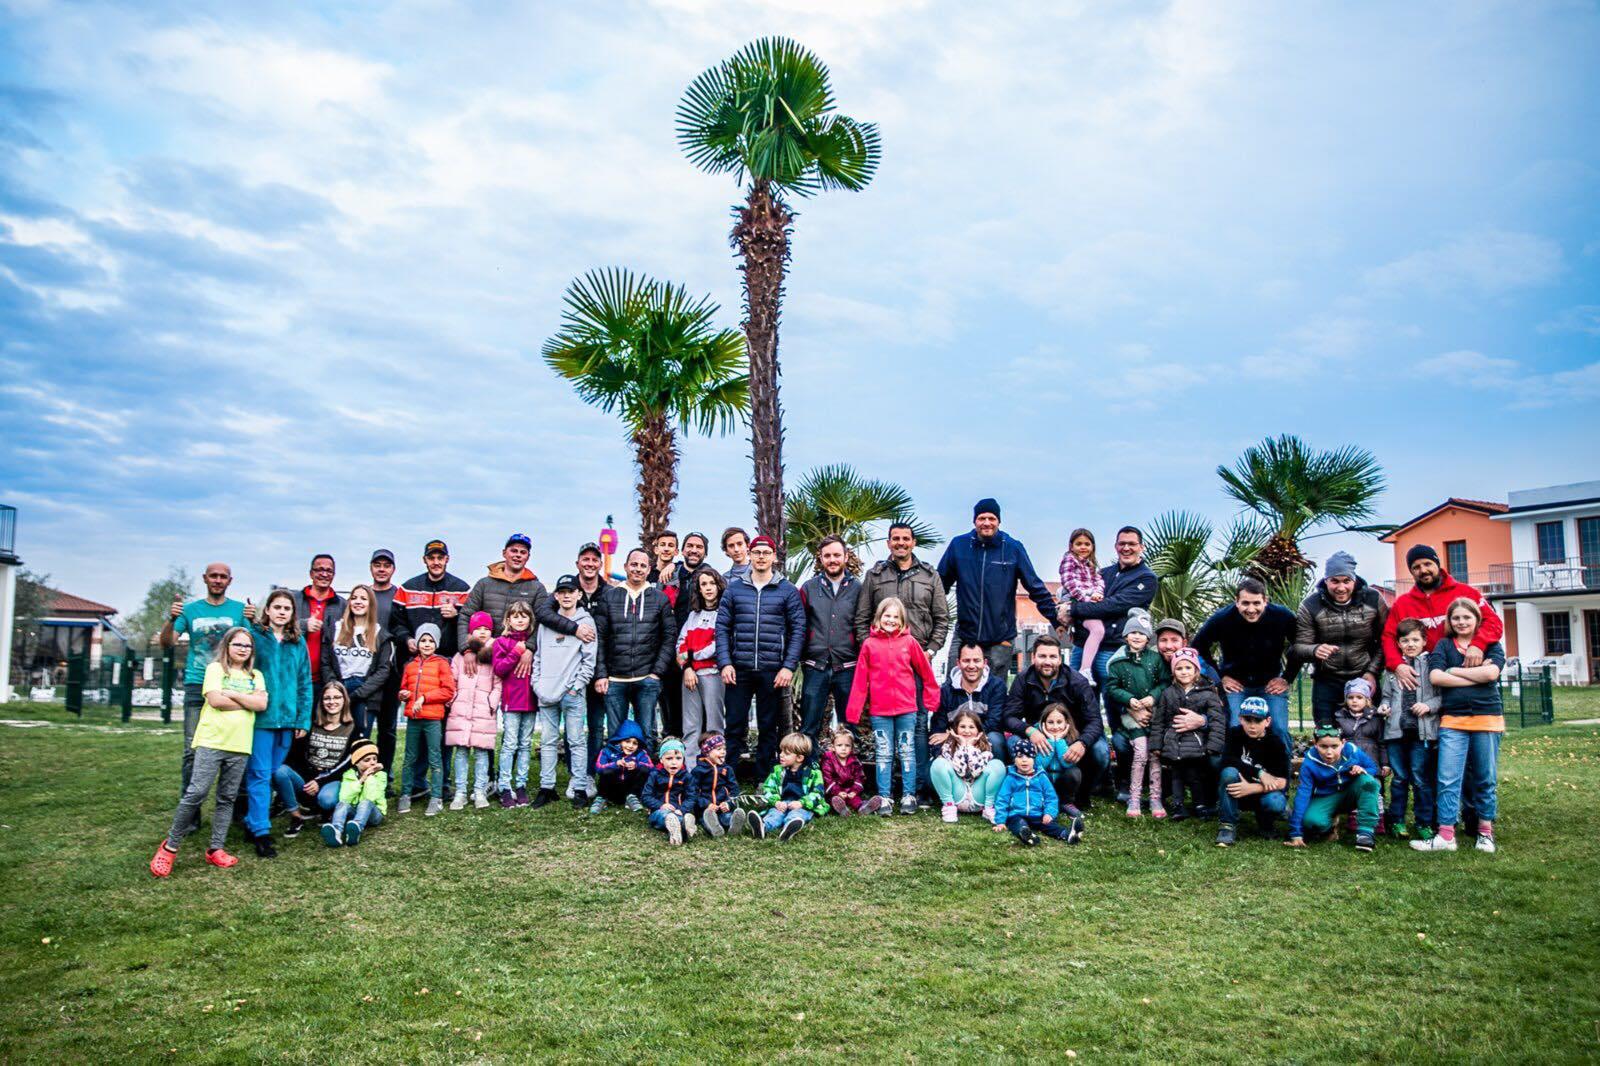 Gardasee Urlaub - Das war das Papa Kind Weekend 2019